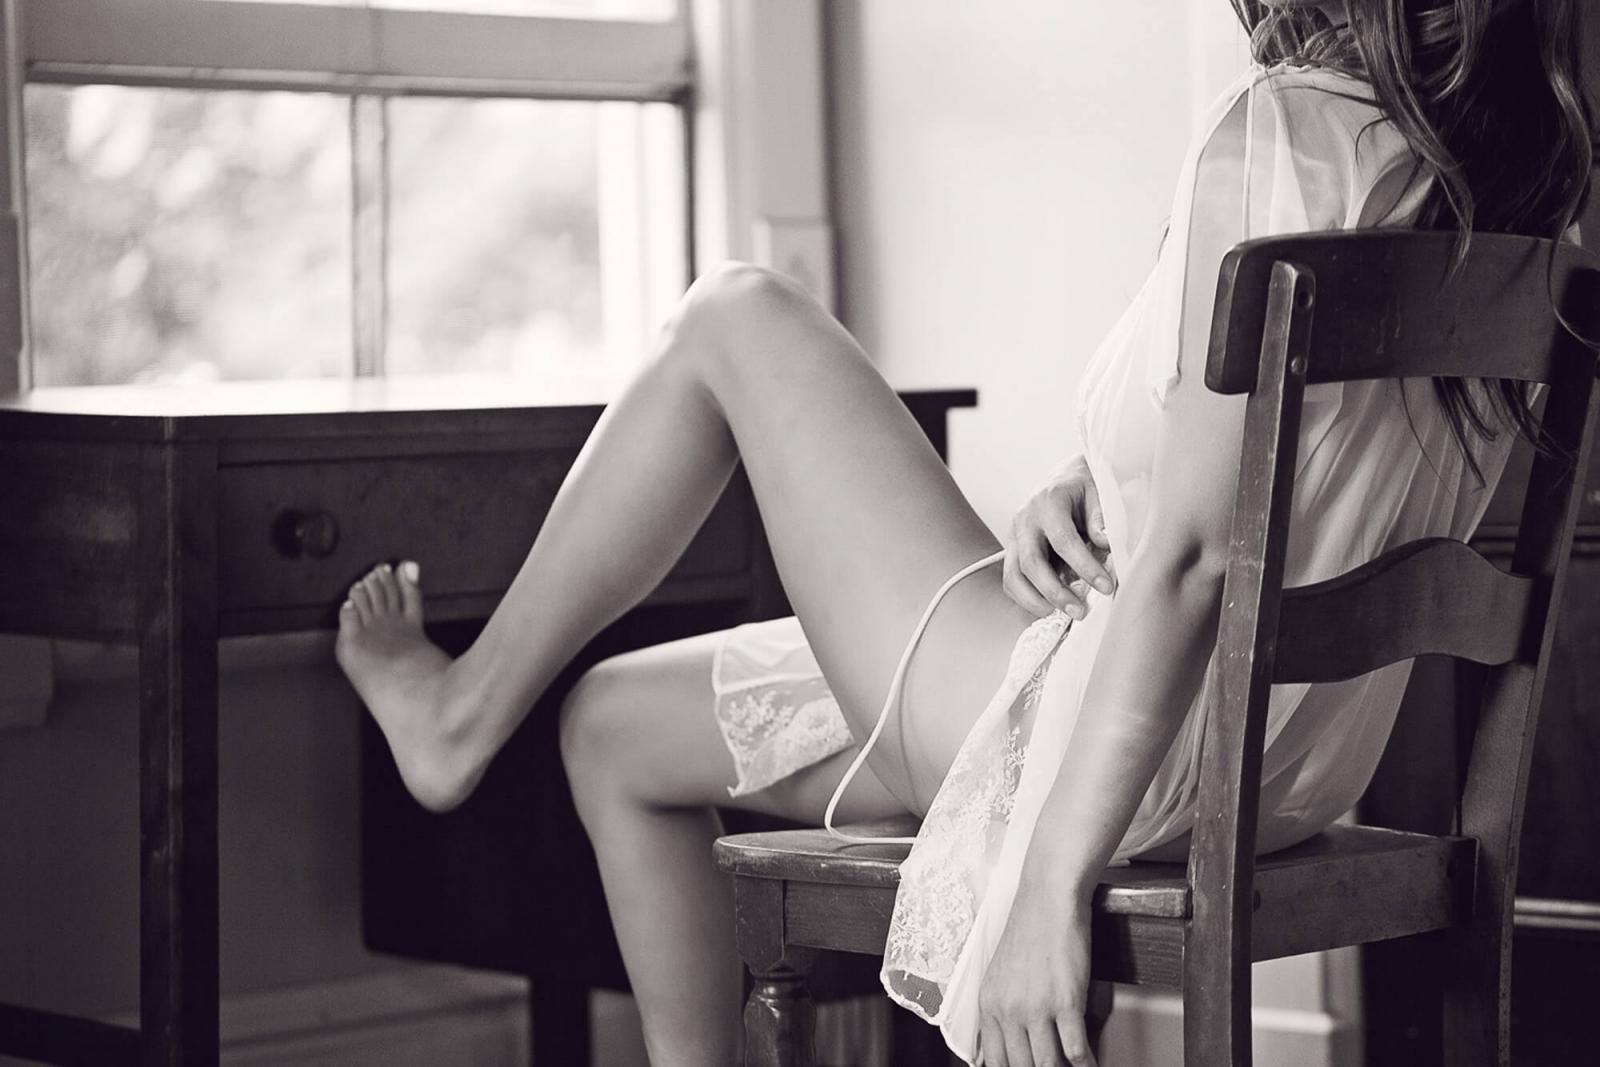 connecticut boudoir photography